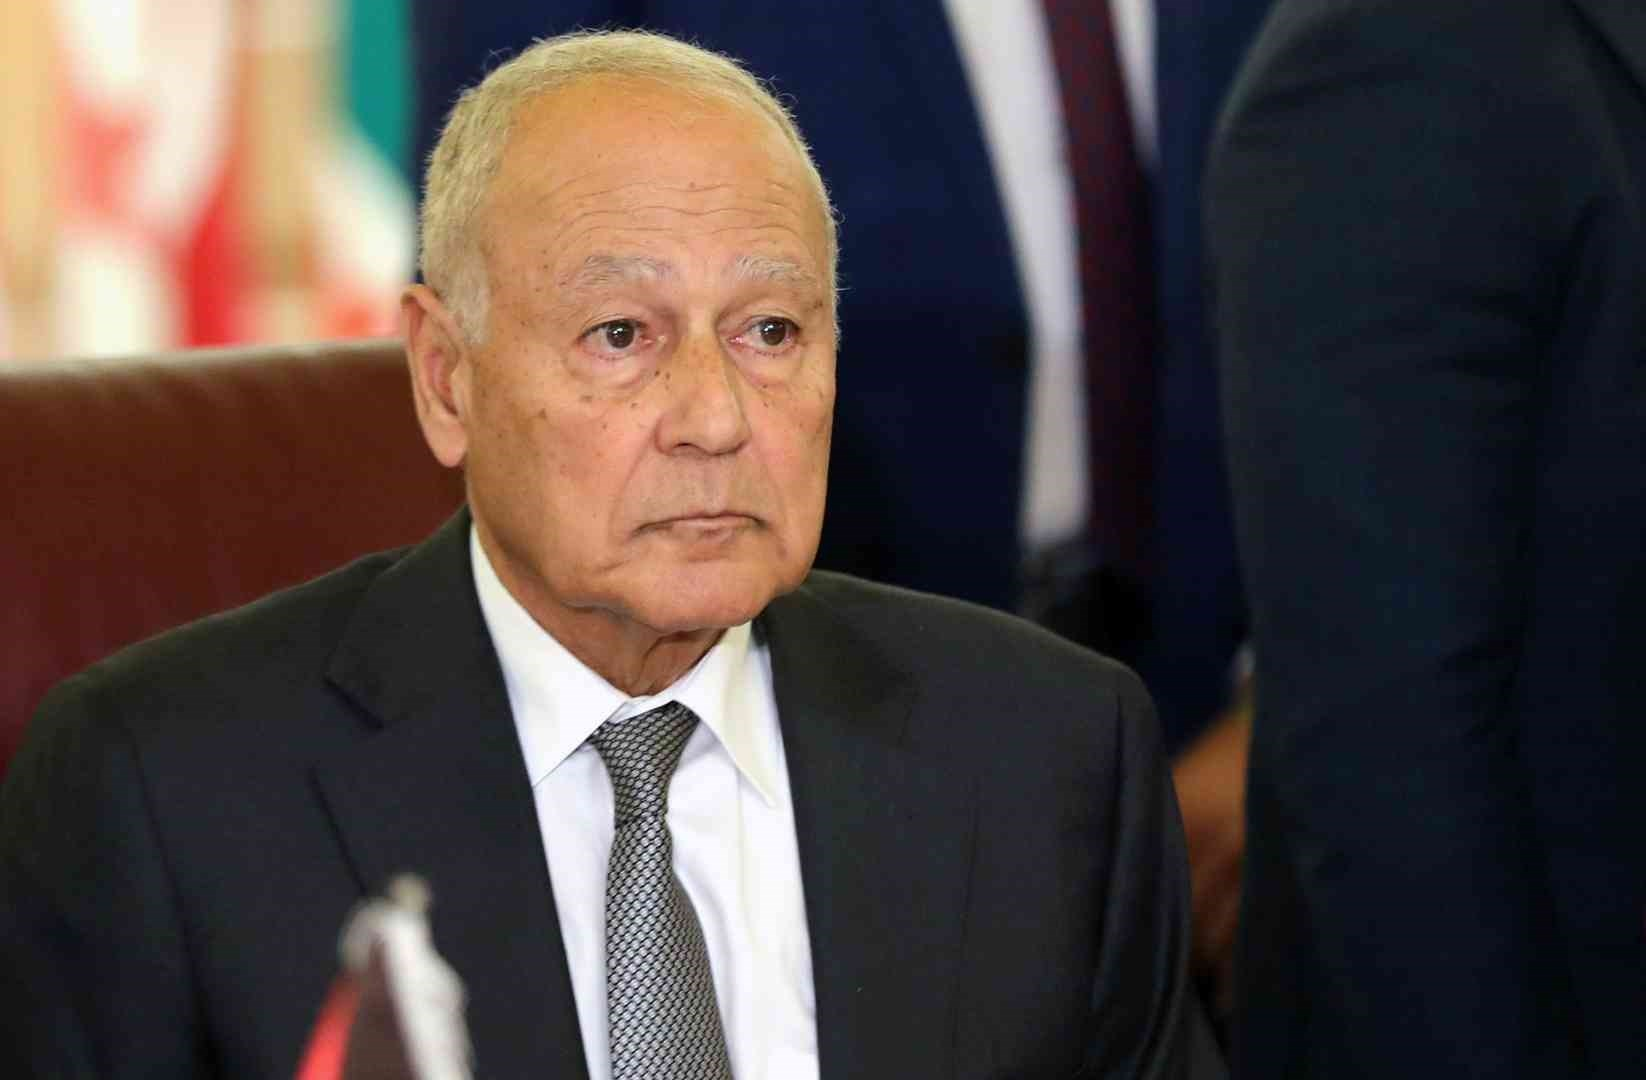 أبو الغيط يعرب عن تمنياته المُخلصة باستقرار الأوضاع في العراق في أسرع وقت